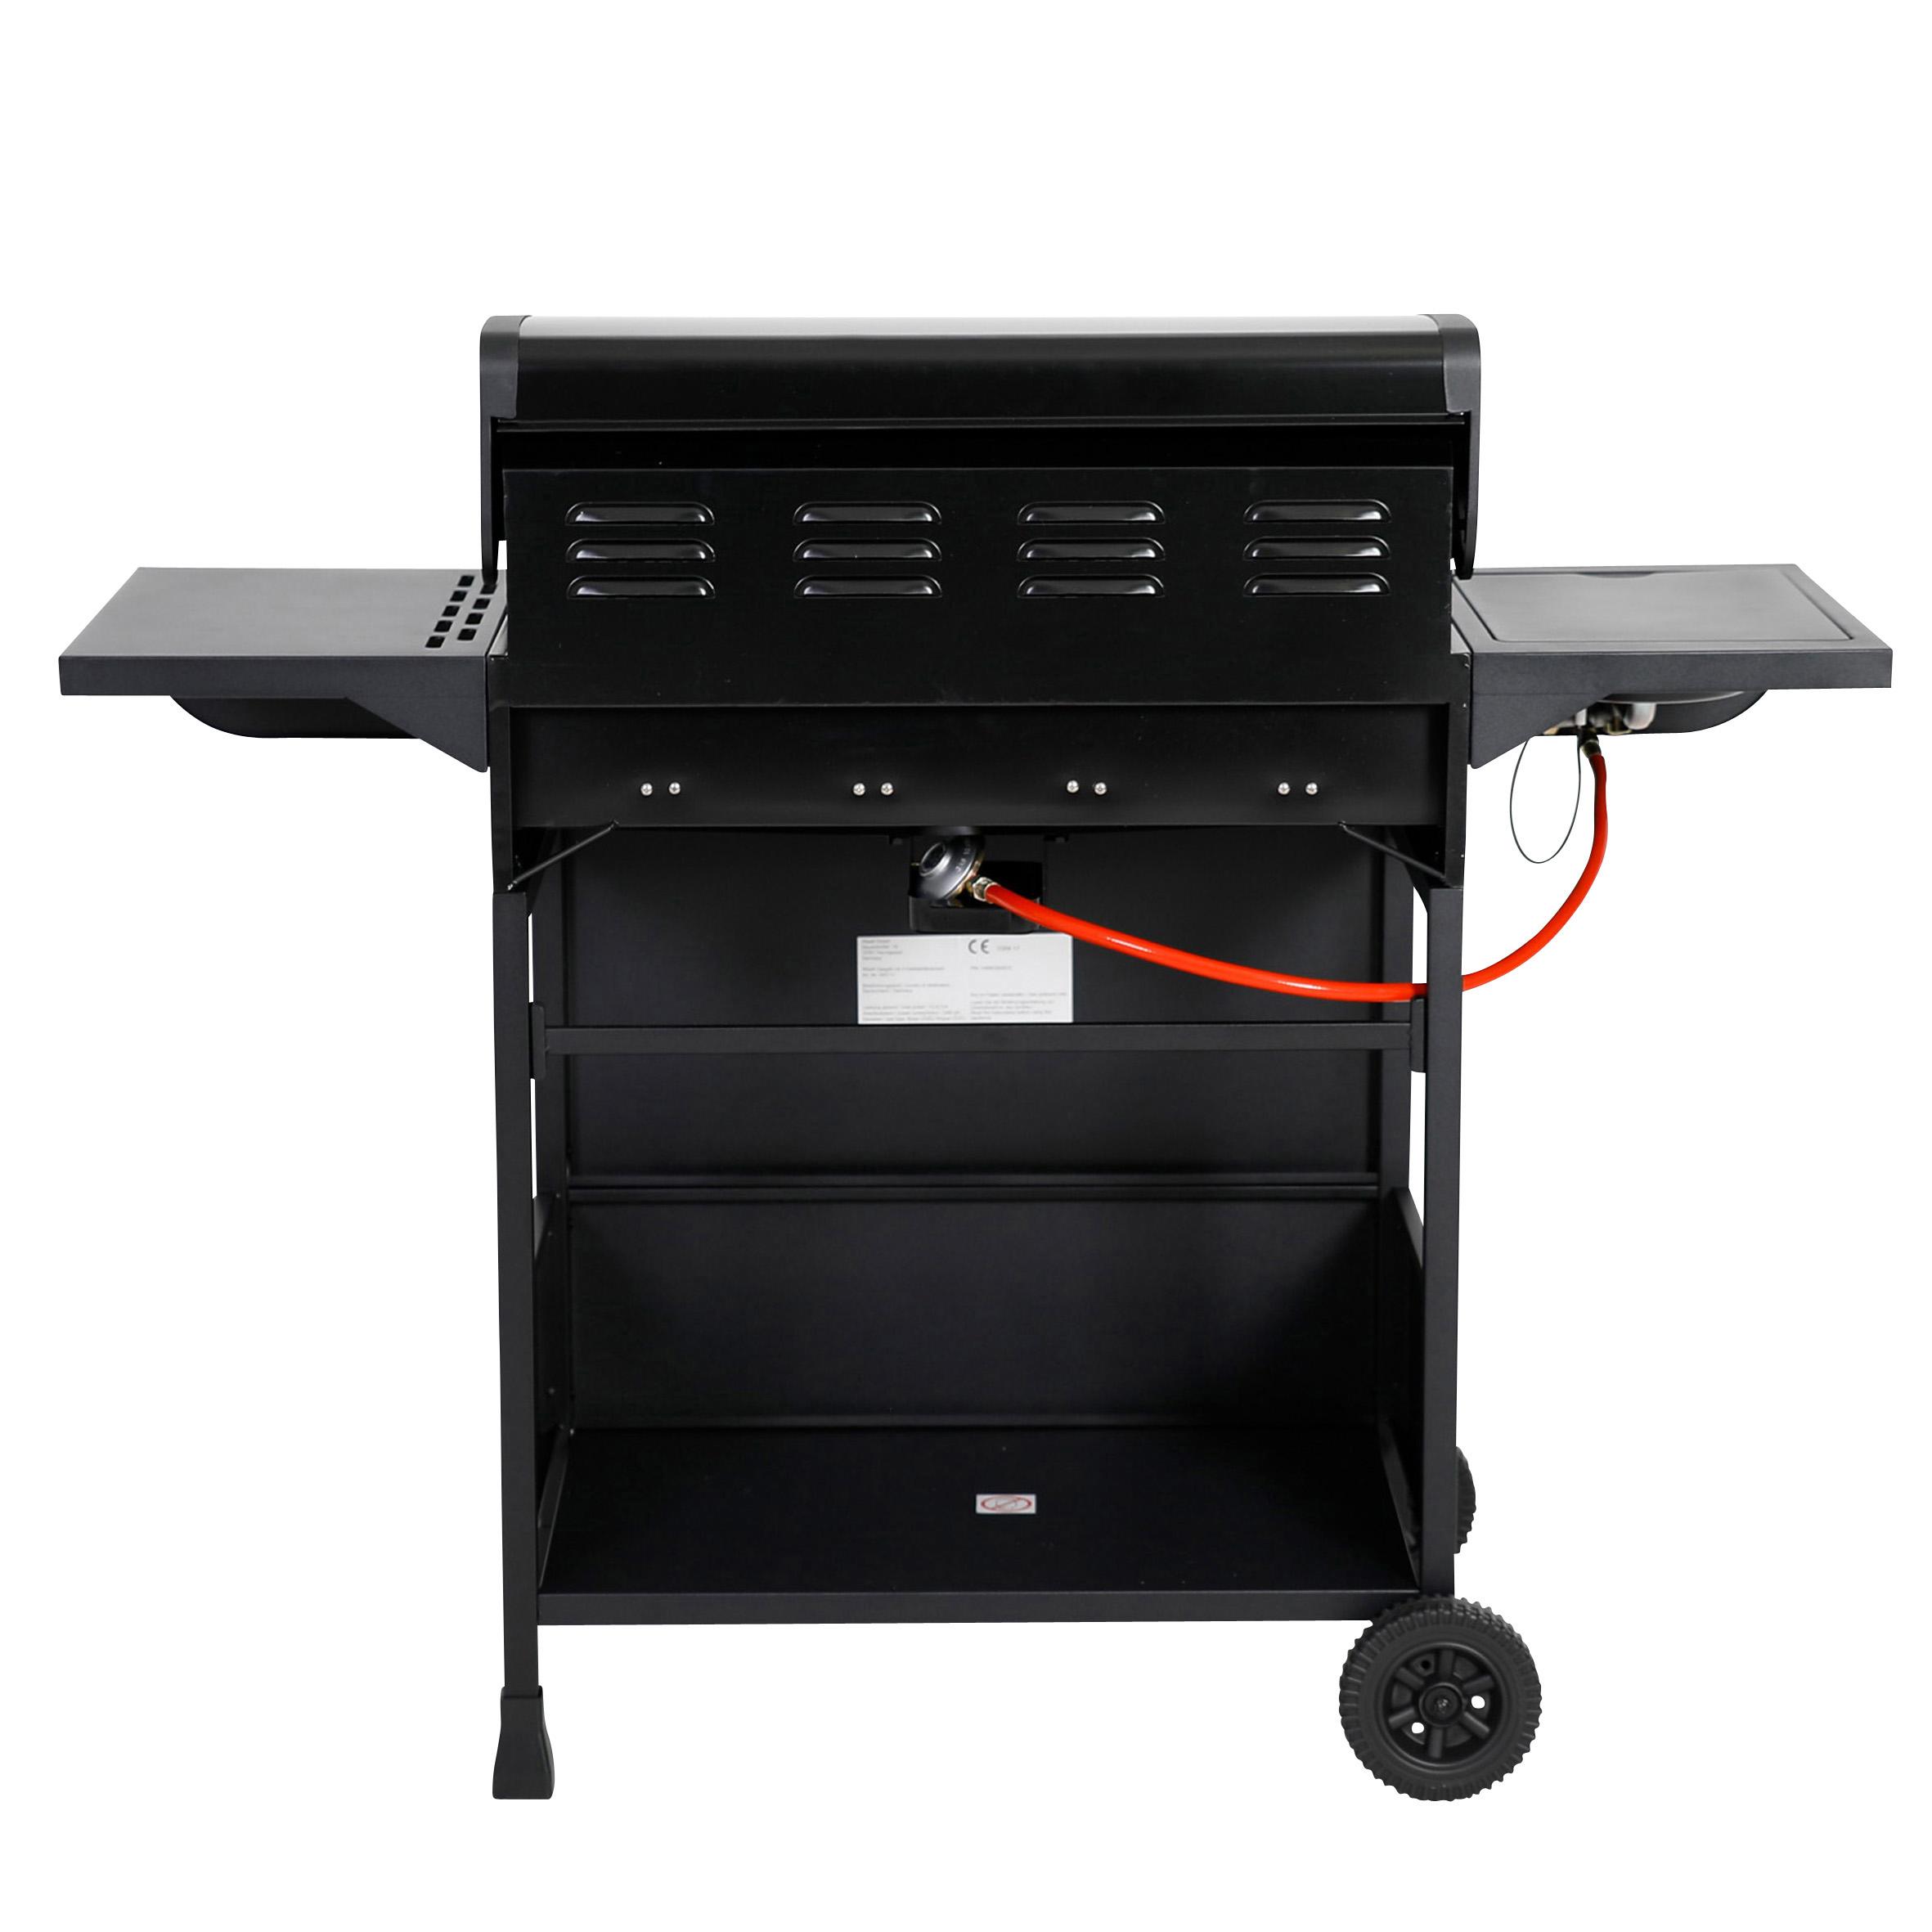 4 gasgrill gasbrenner grill mit seitenbrenner garten grill und bbq. Black Bedroom Furniture Sets. Home Design Ideas